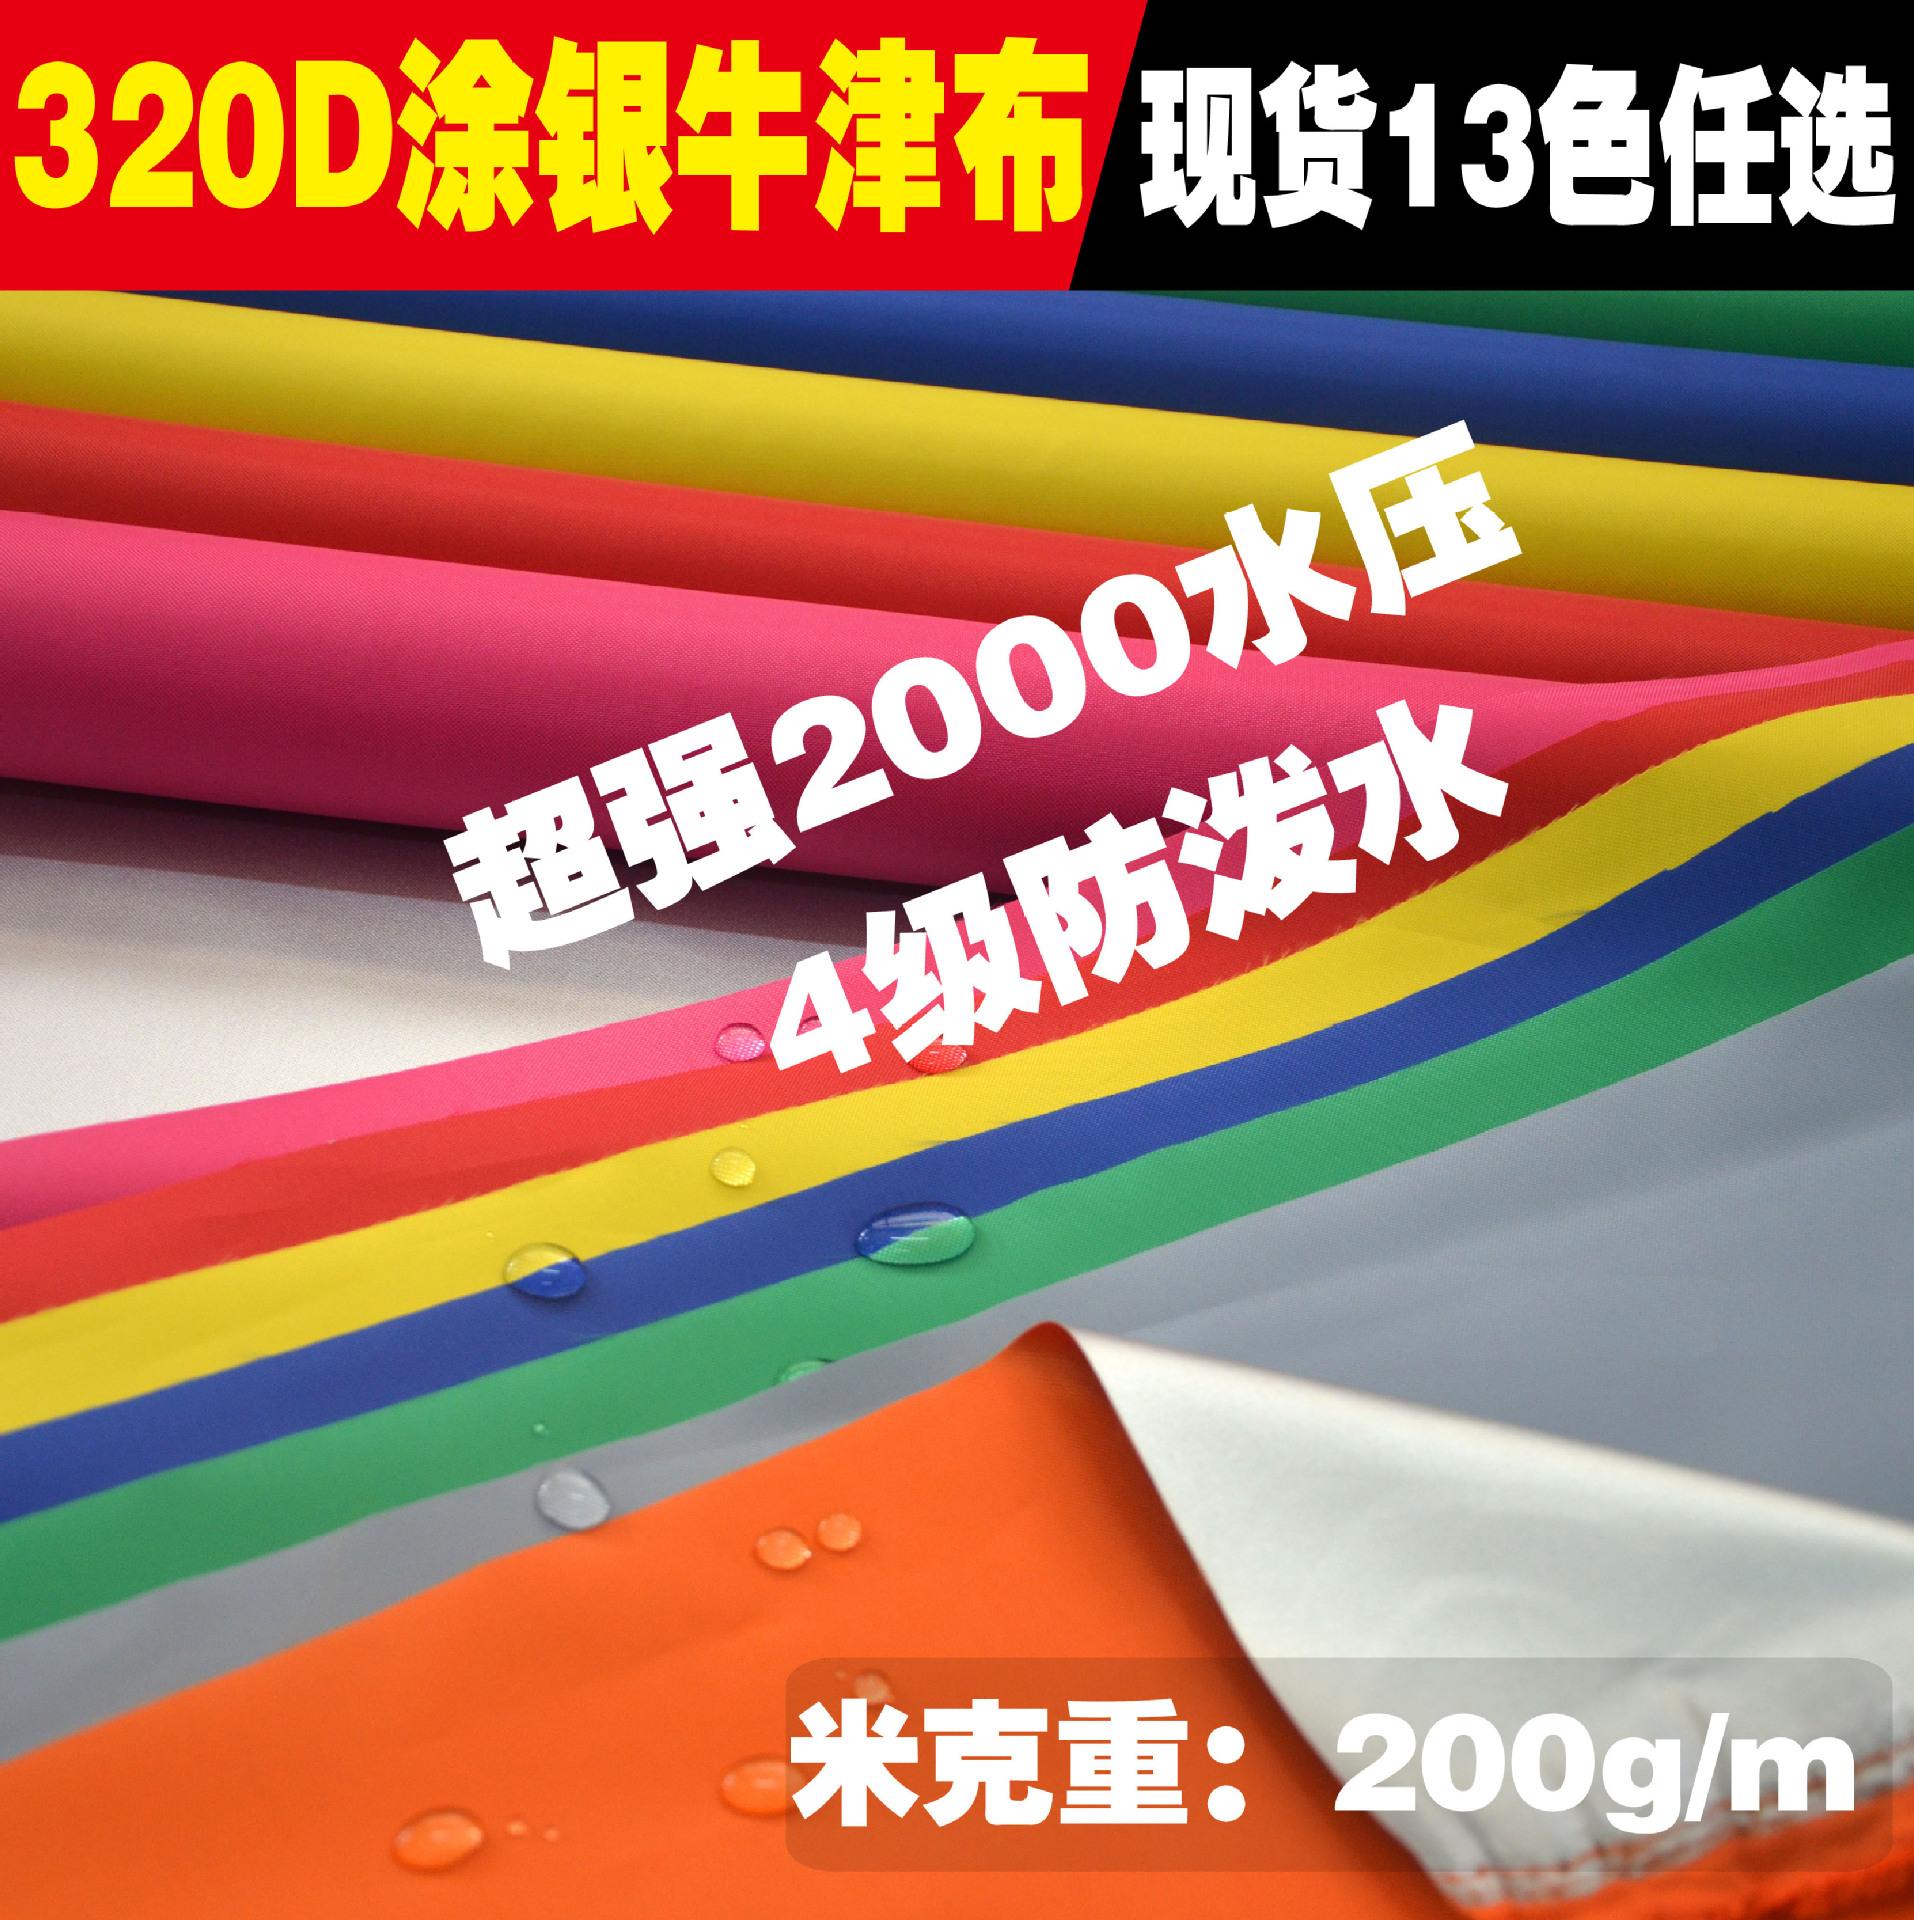 现货涤纶320D牛津布防水PU涂银布料  户外雨棚遮阳篷防晒纺织布料